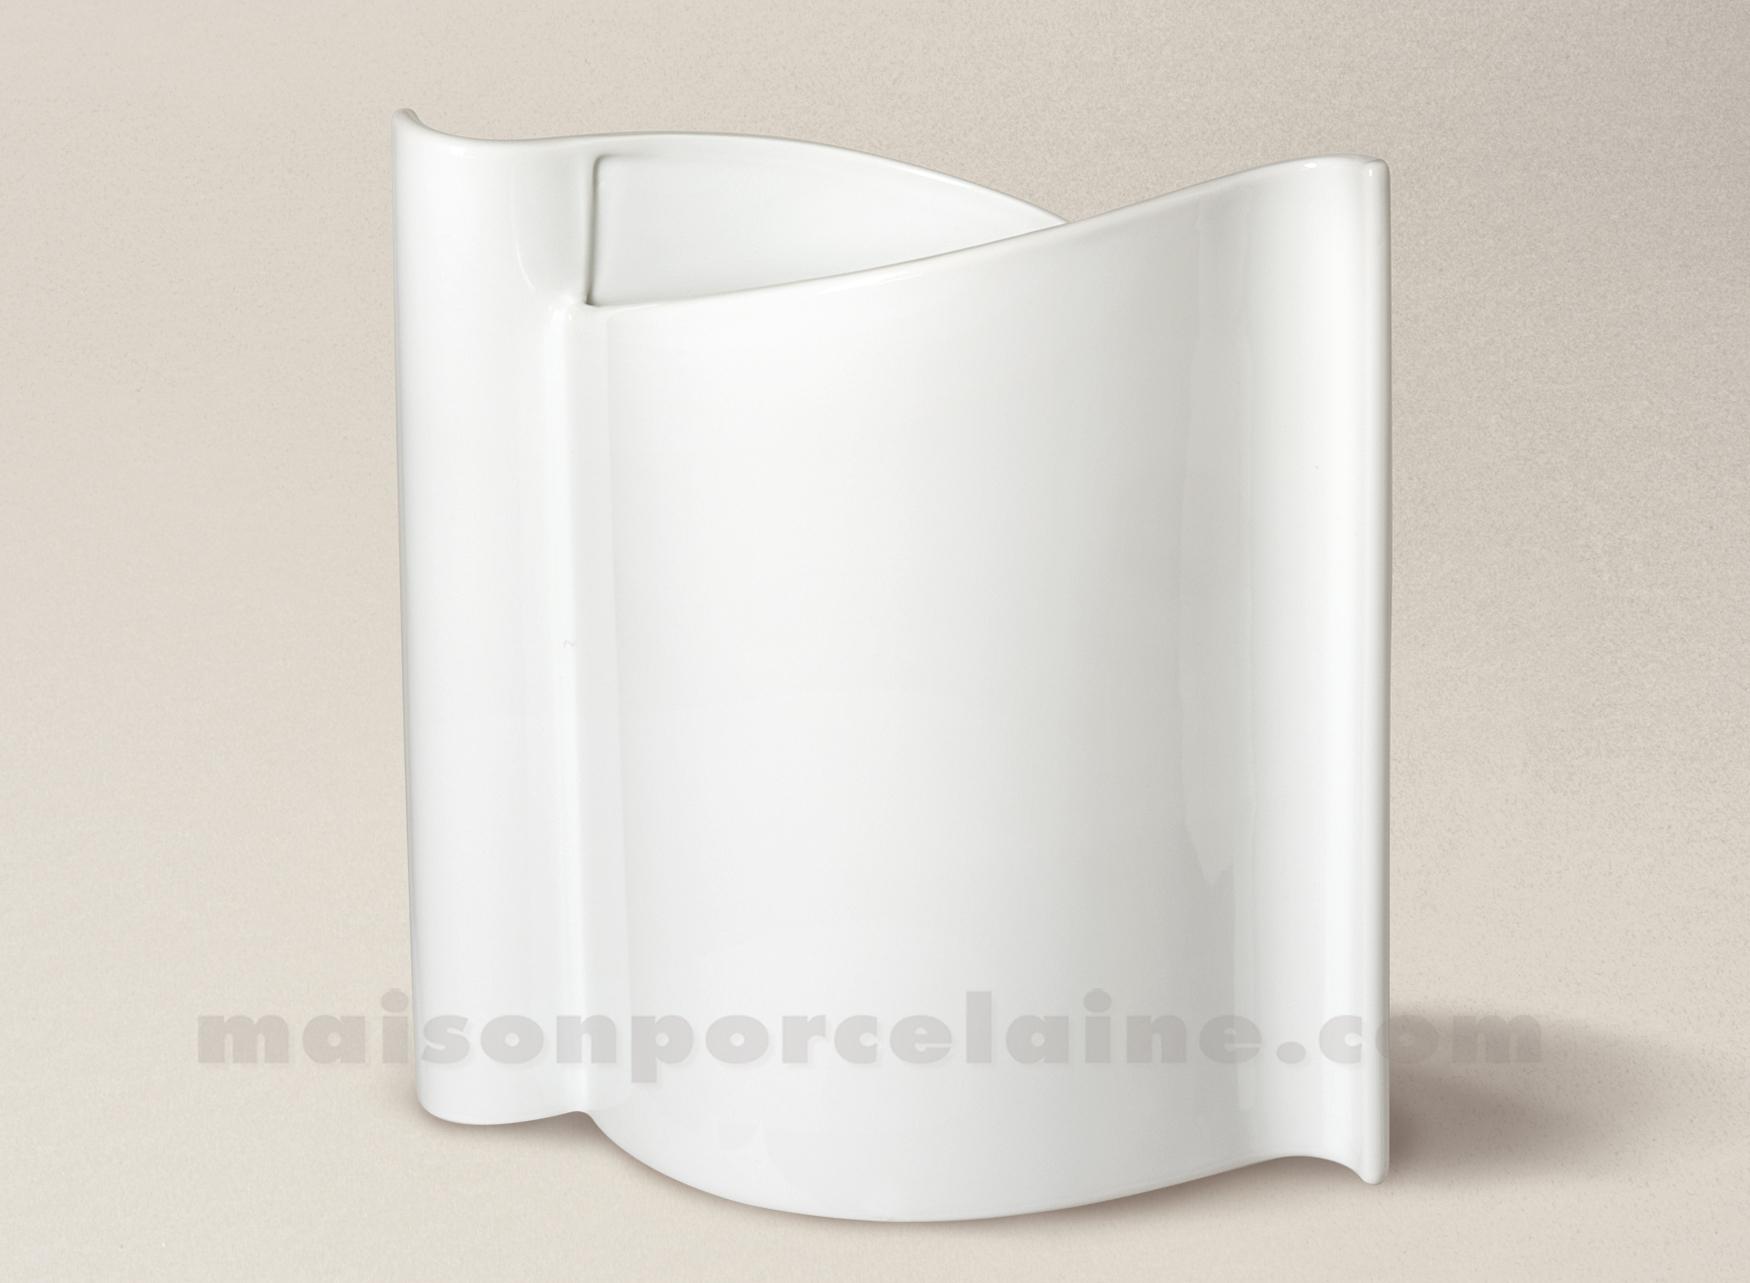 Vase porcelaine blanche loft 20 5x19 5 maison de la porcelaine - La porcelaine blanche ...